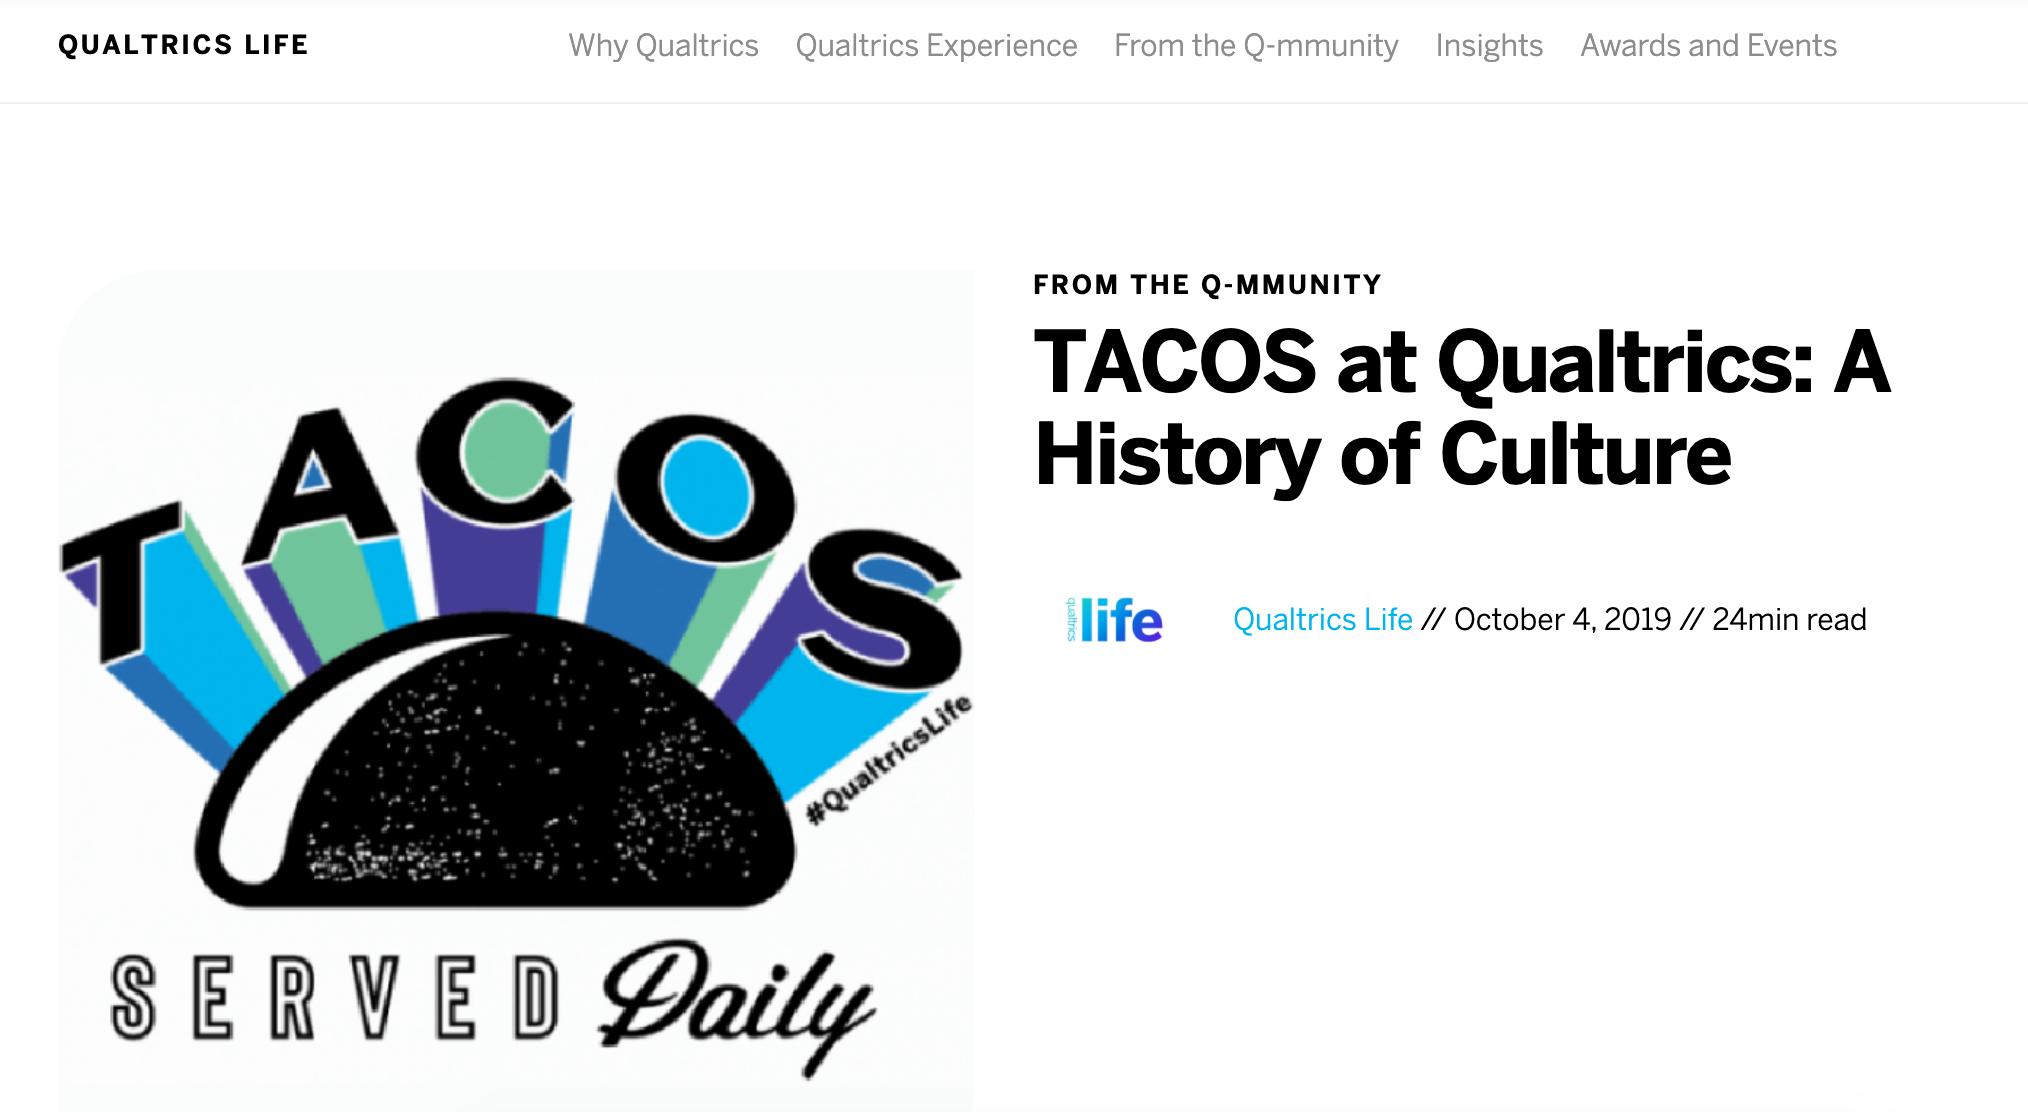 Qualtrics TACOS blog post